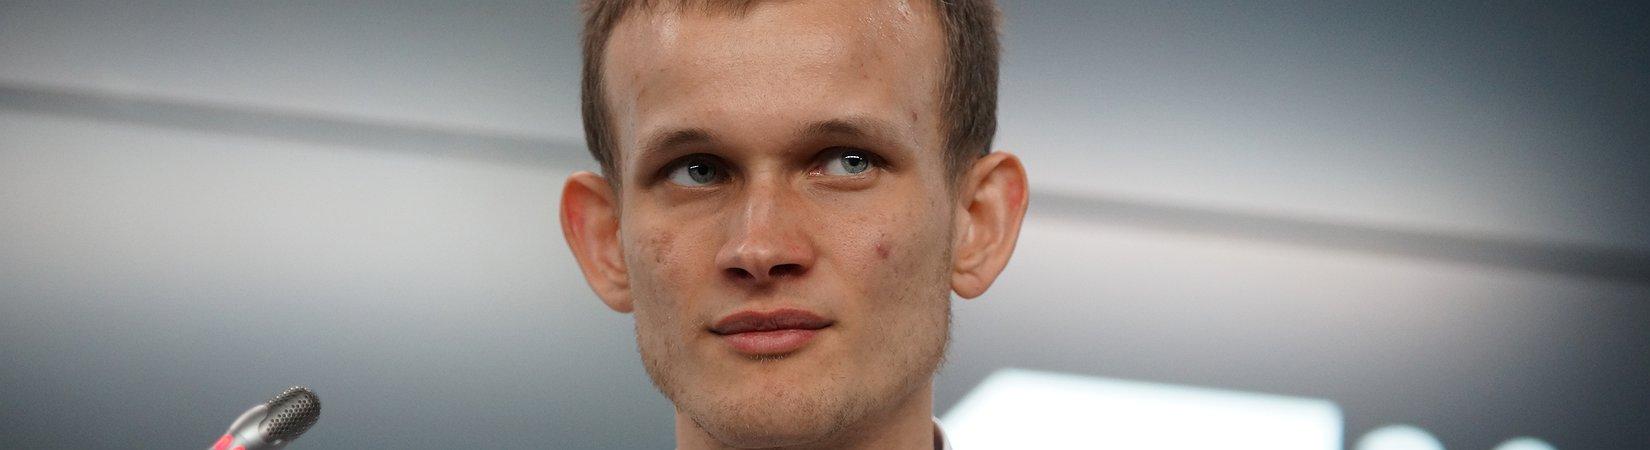 Fortune: il creatore di Ethereum è tra i 10 giovani più influenti al mondo